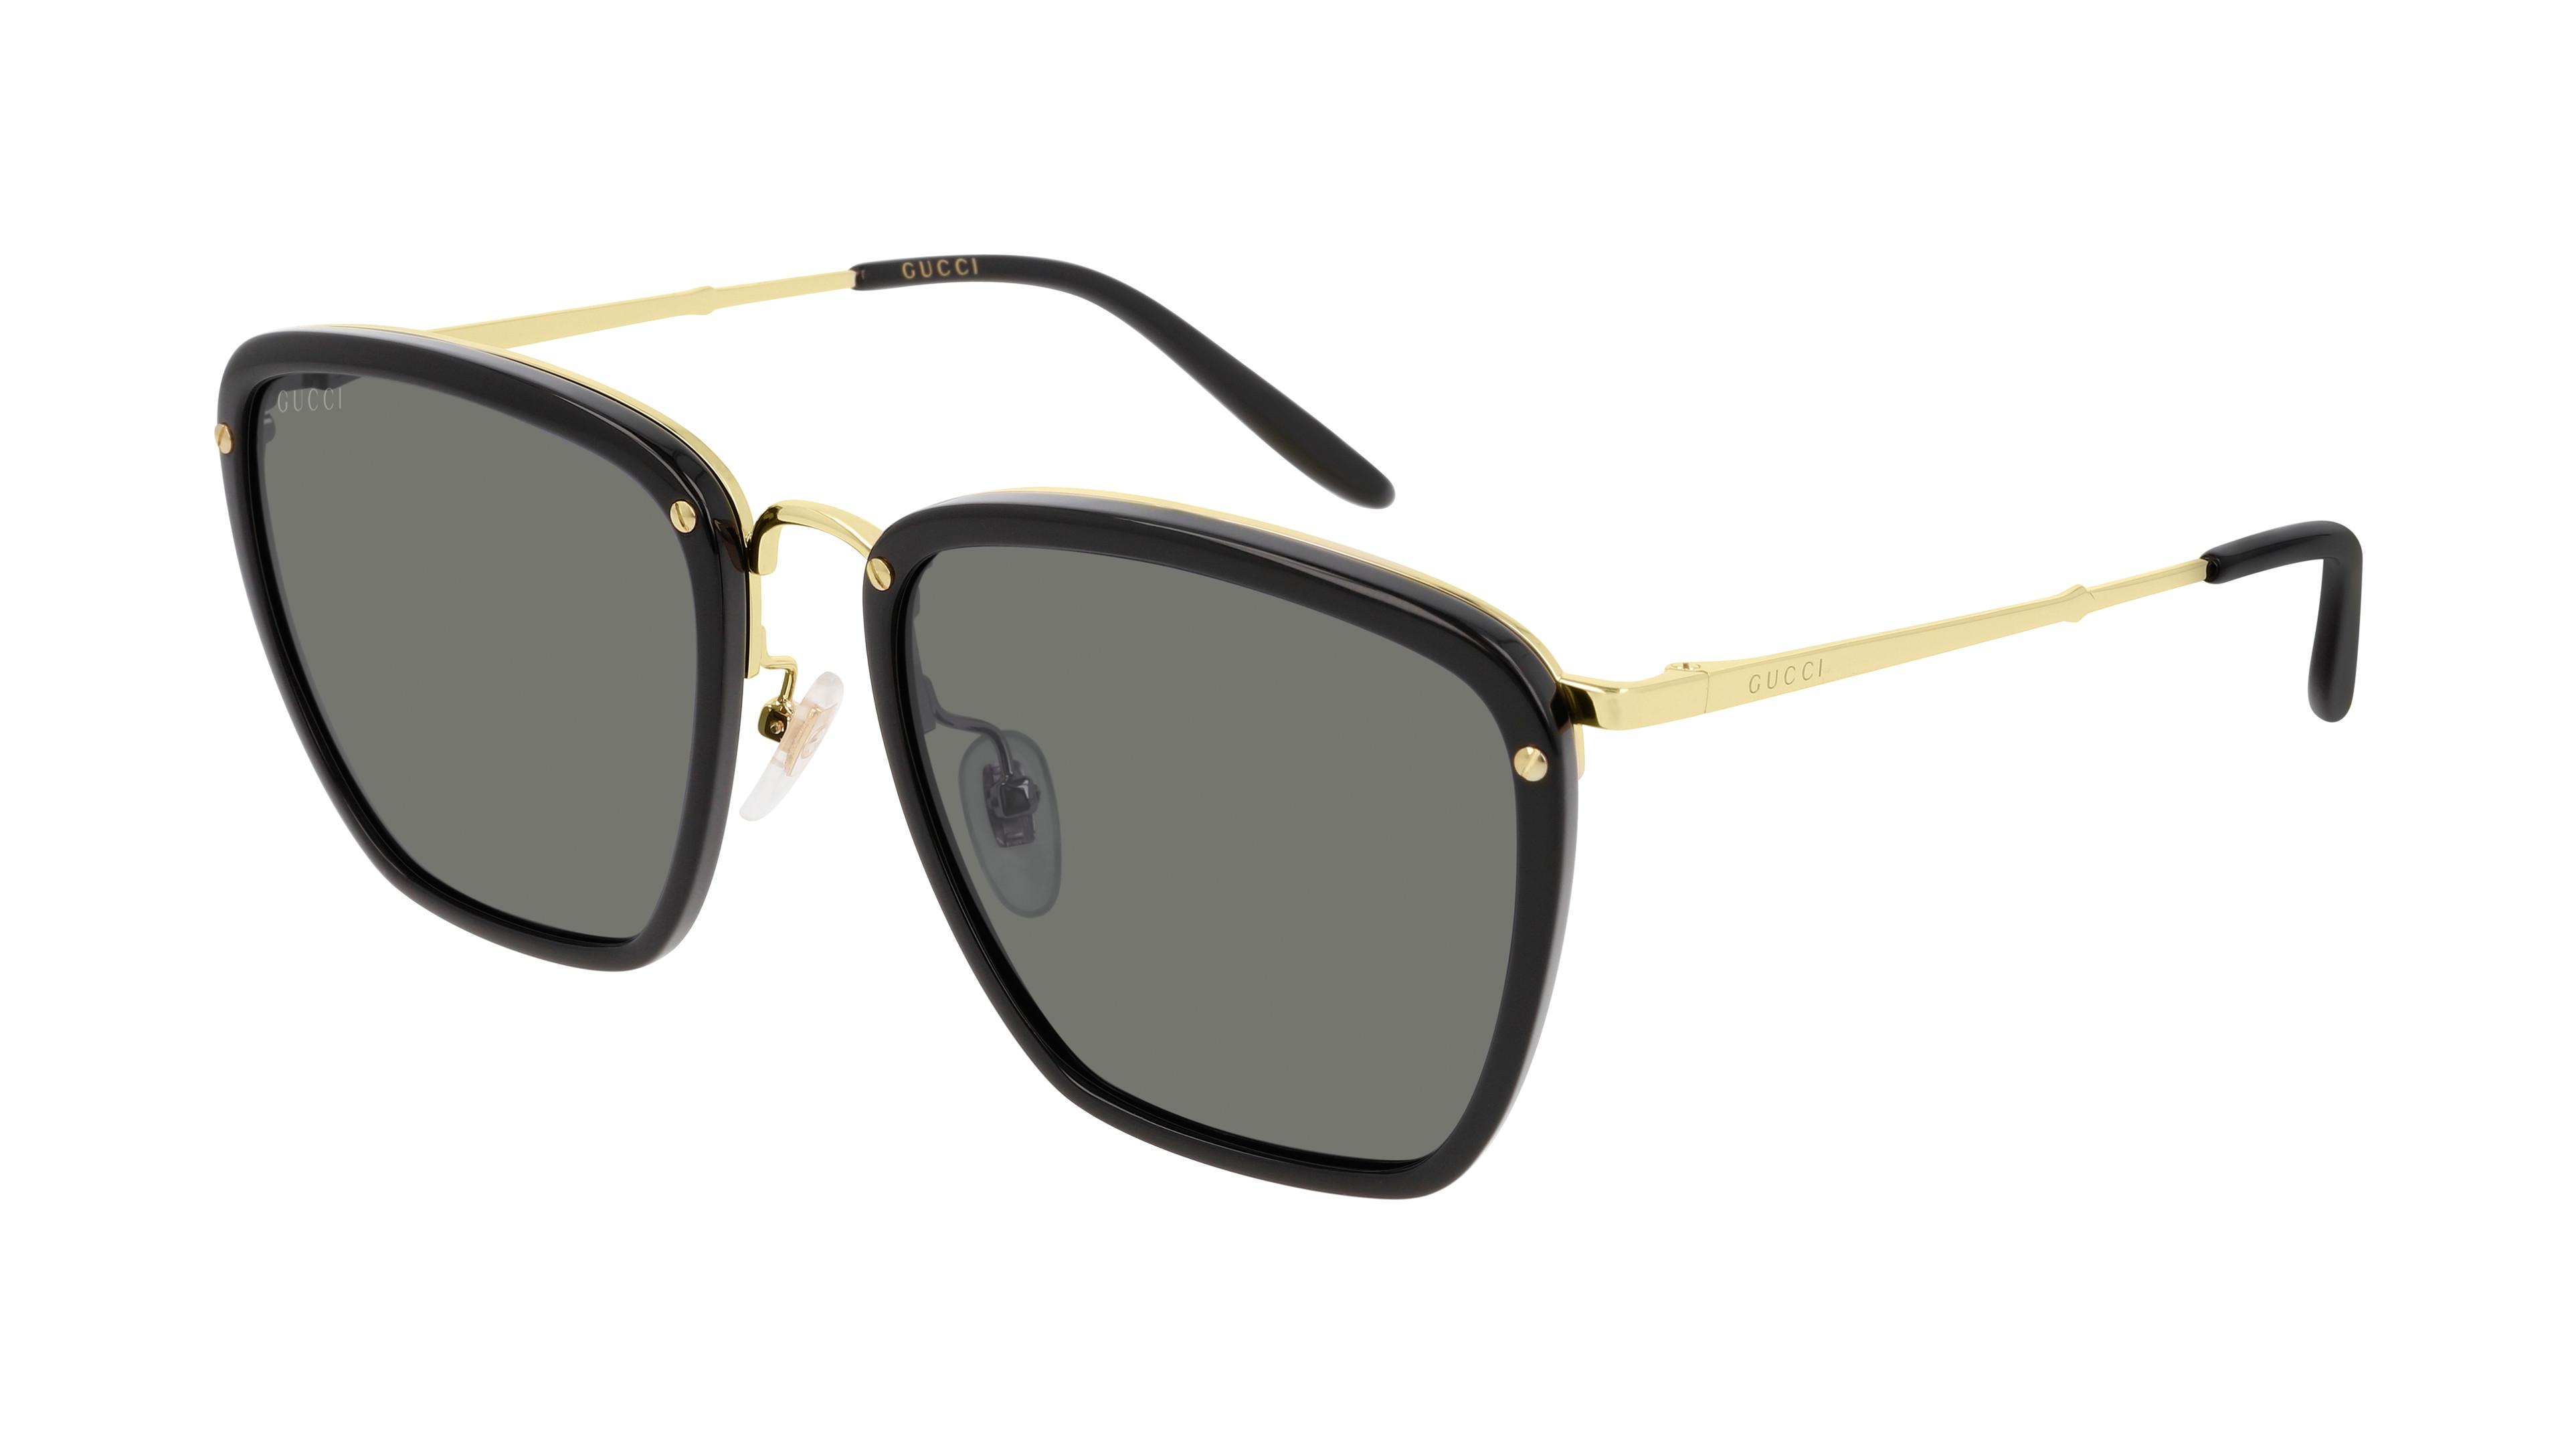 8056376308211-front-Gucci-sunglasses-GG0673S_001